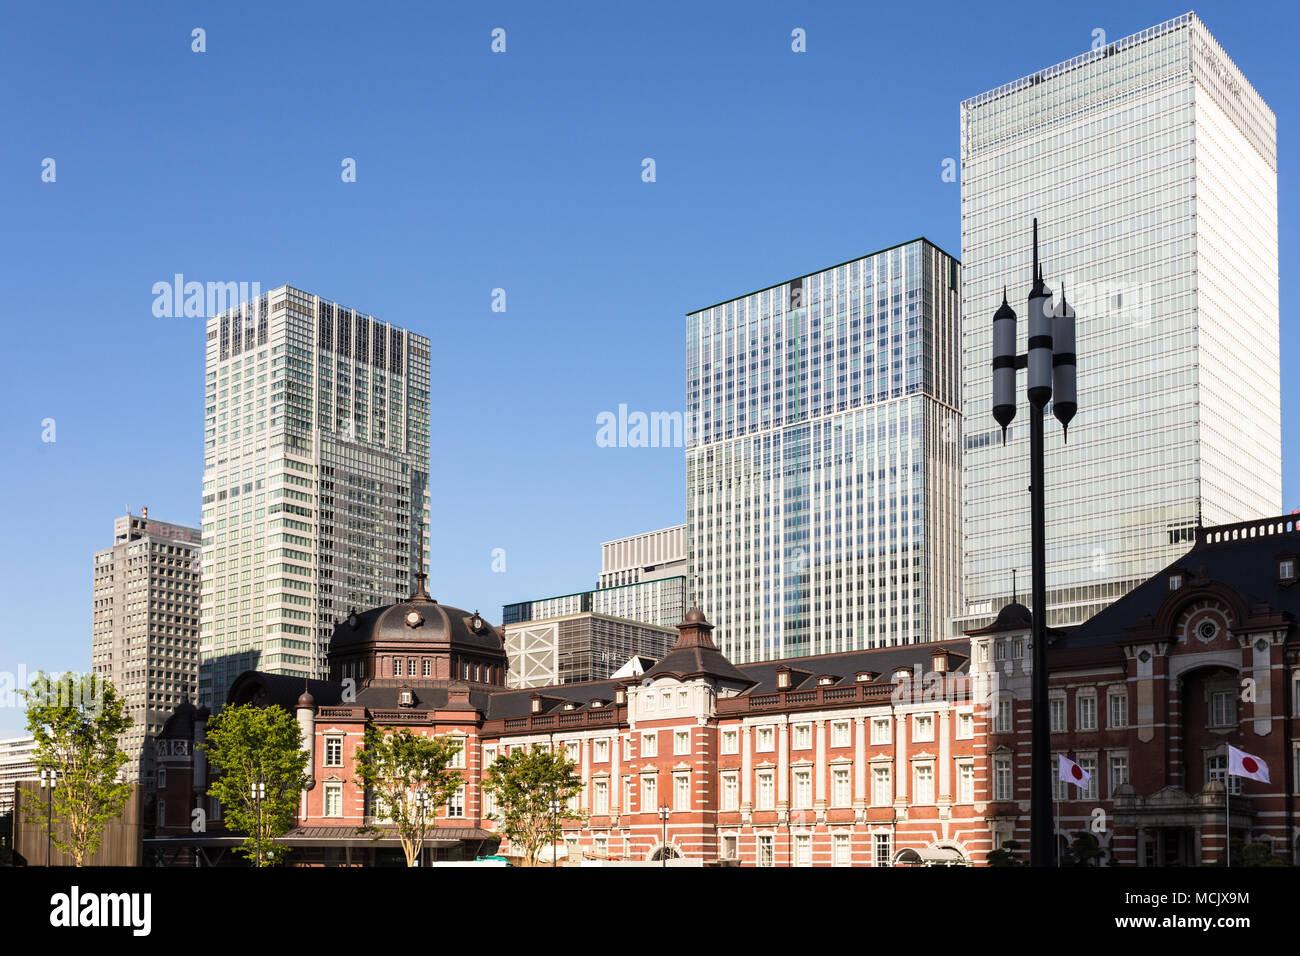 Die klassische Architektur des Tokyo JR Bahnhof kontrastiert mit modernen Bürogebäude im Business Viertel von Marunouchi in Tokio, Japan c Stockbild